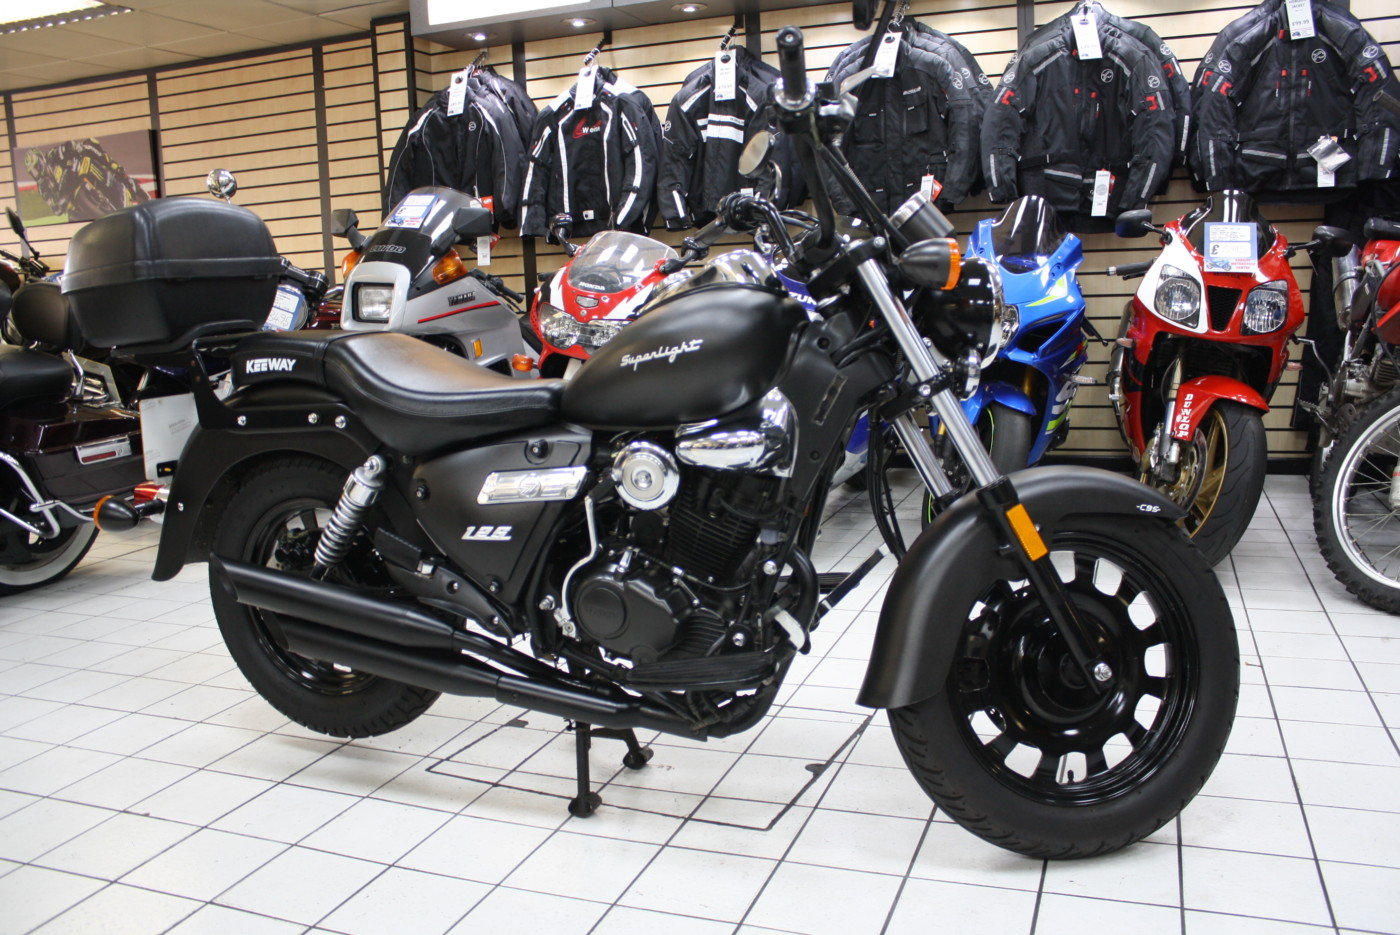 Keeway Superlight Black Custom 125cc